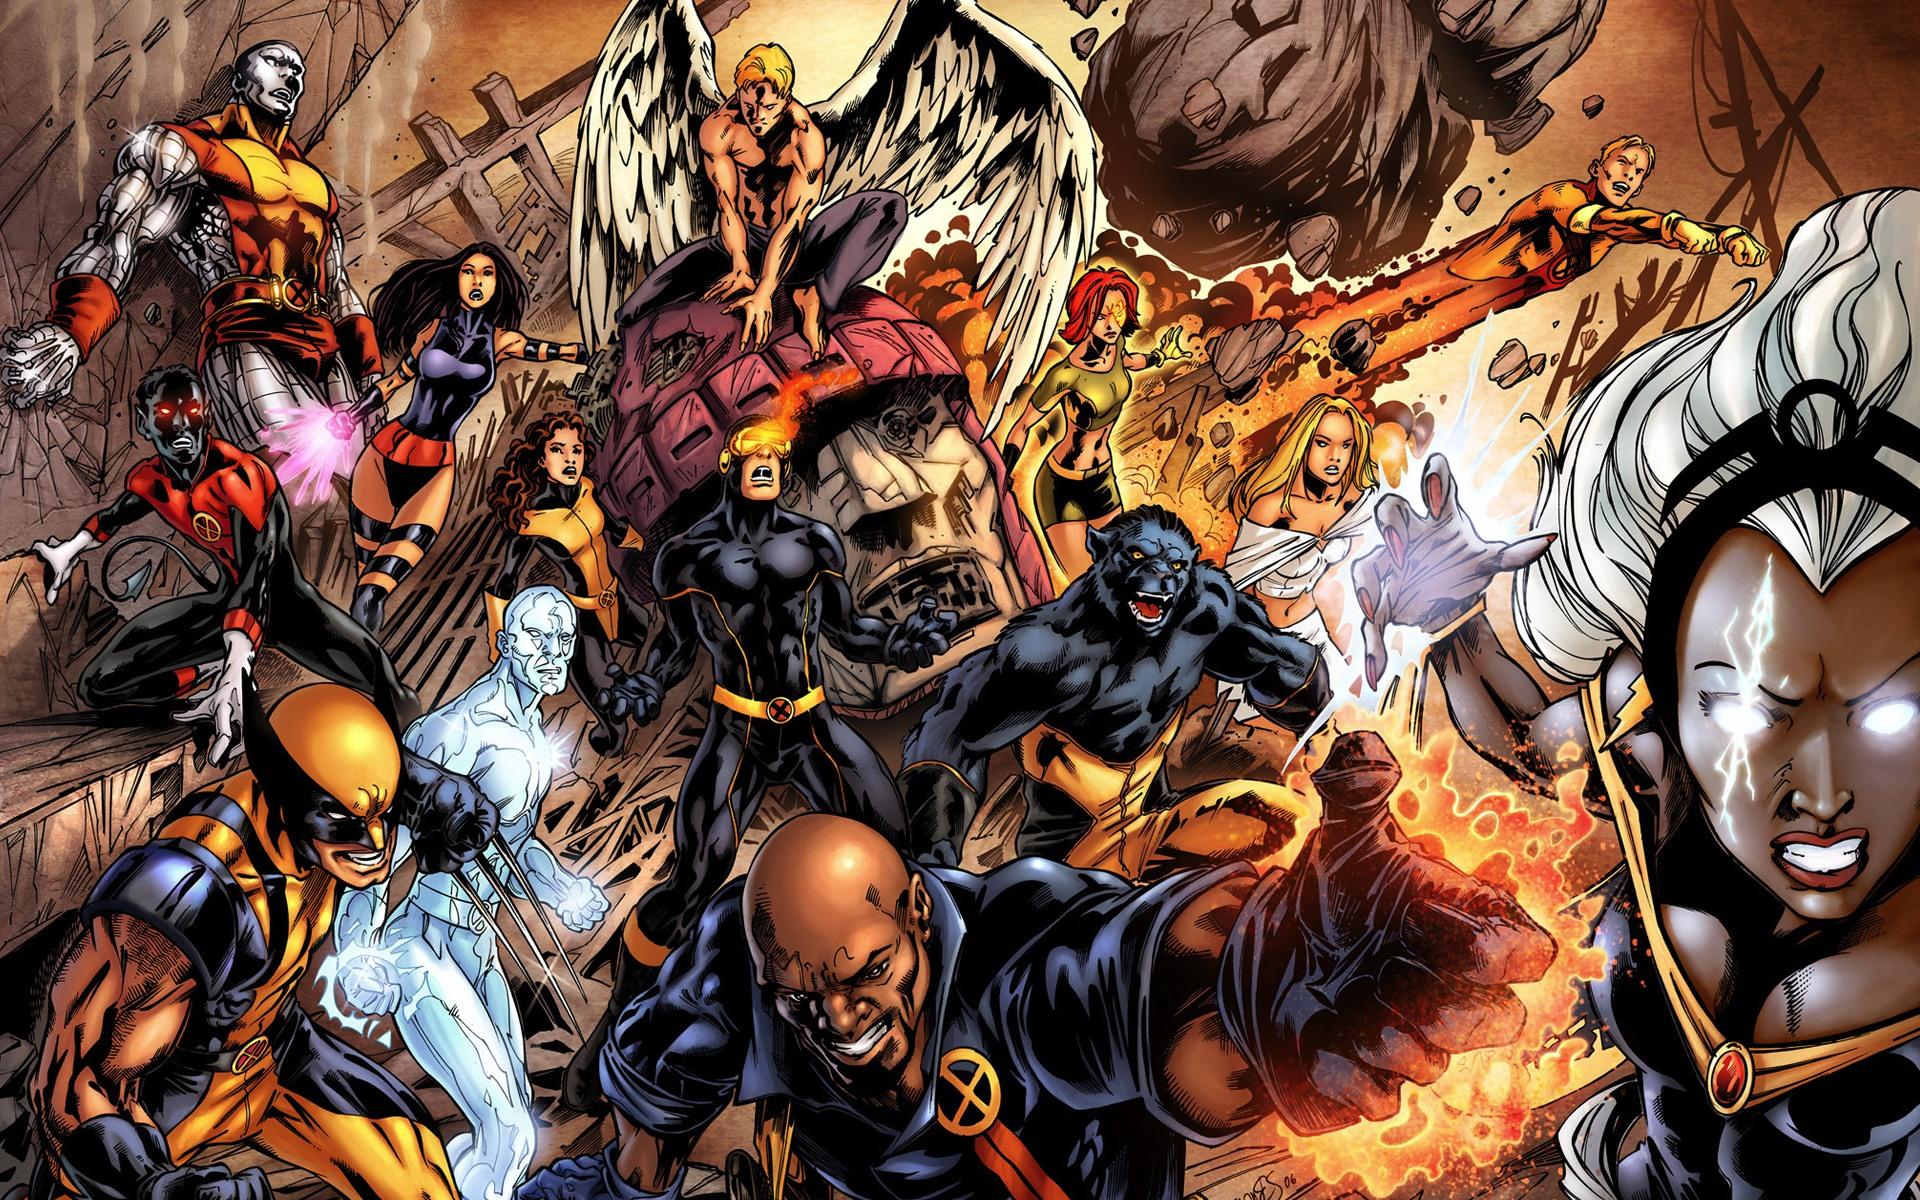 X Men Wallpaper Hd Wallpapersafari HD Wallpapers Download Free Images Wallpaper [1000image.com]